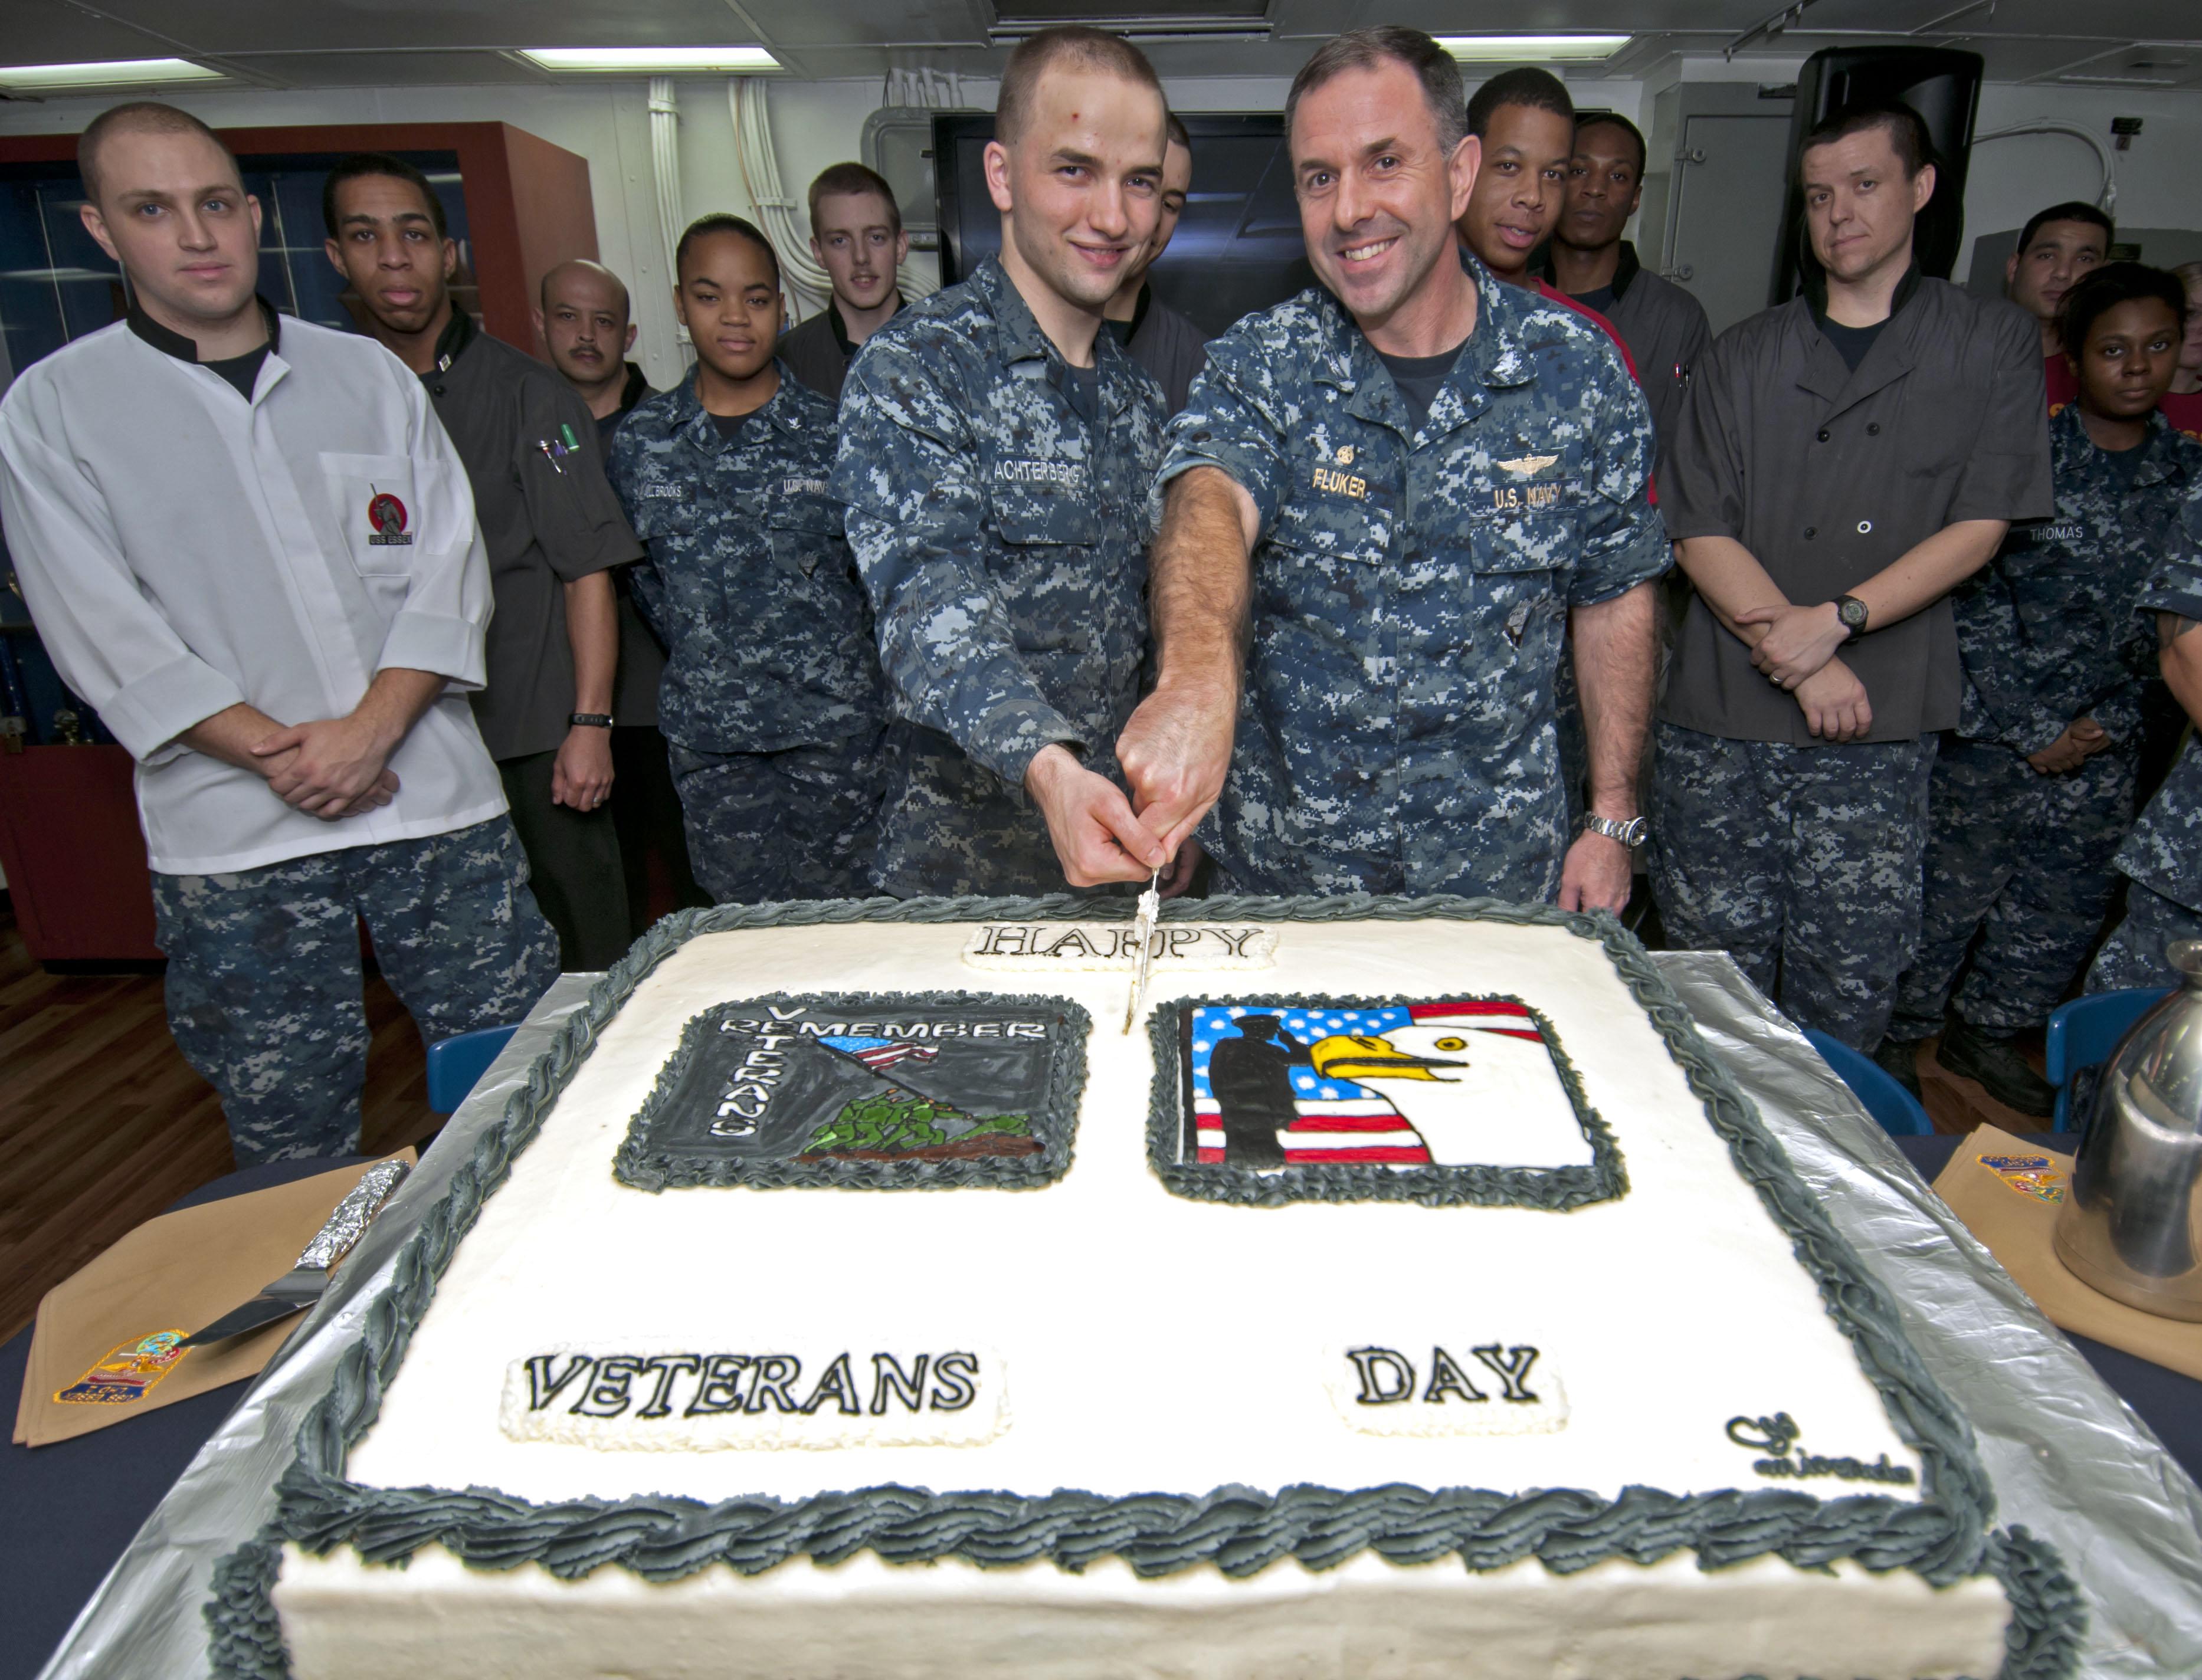 Veterans Day Cake Design